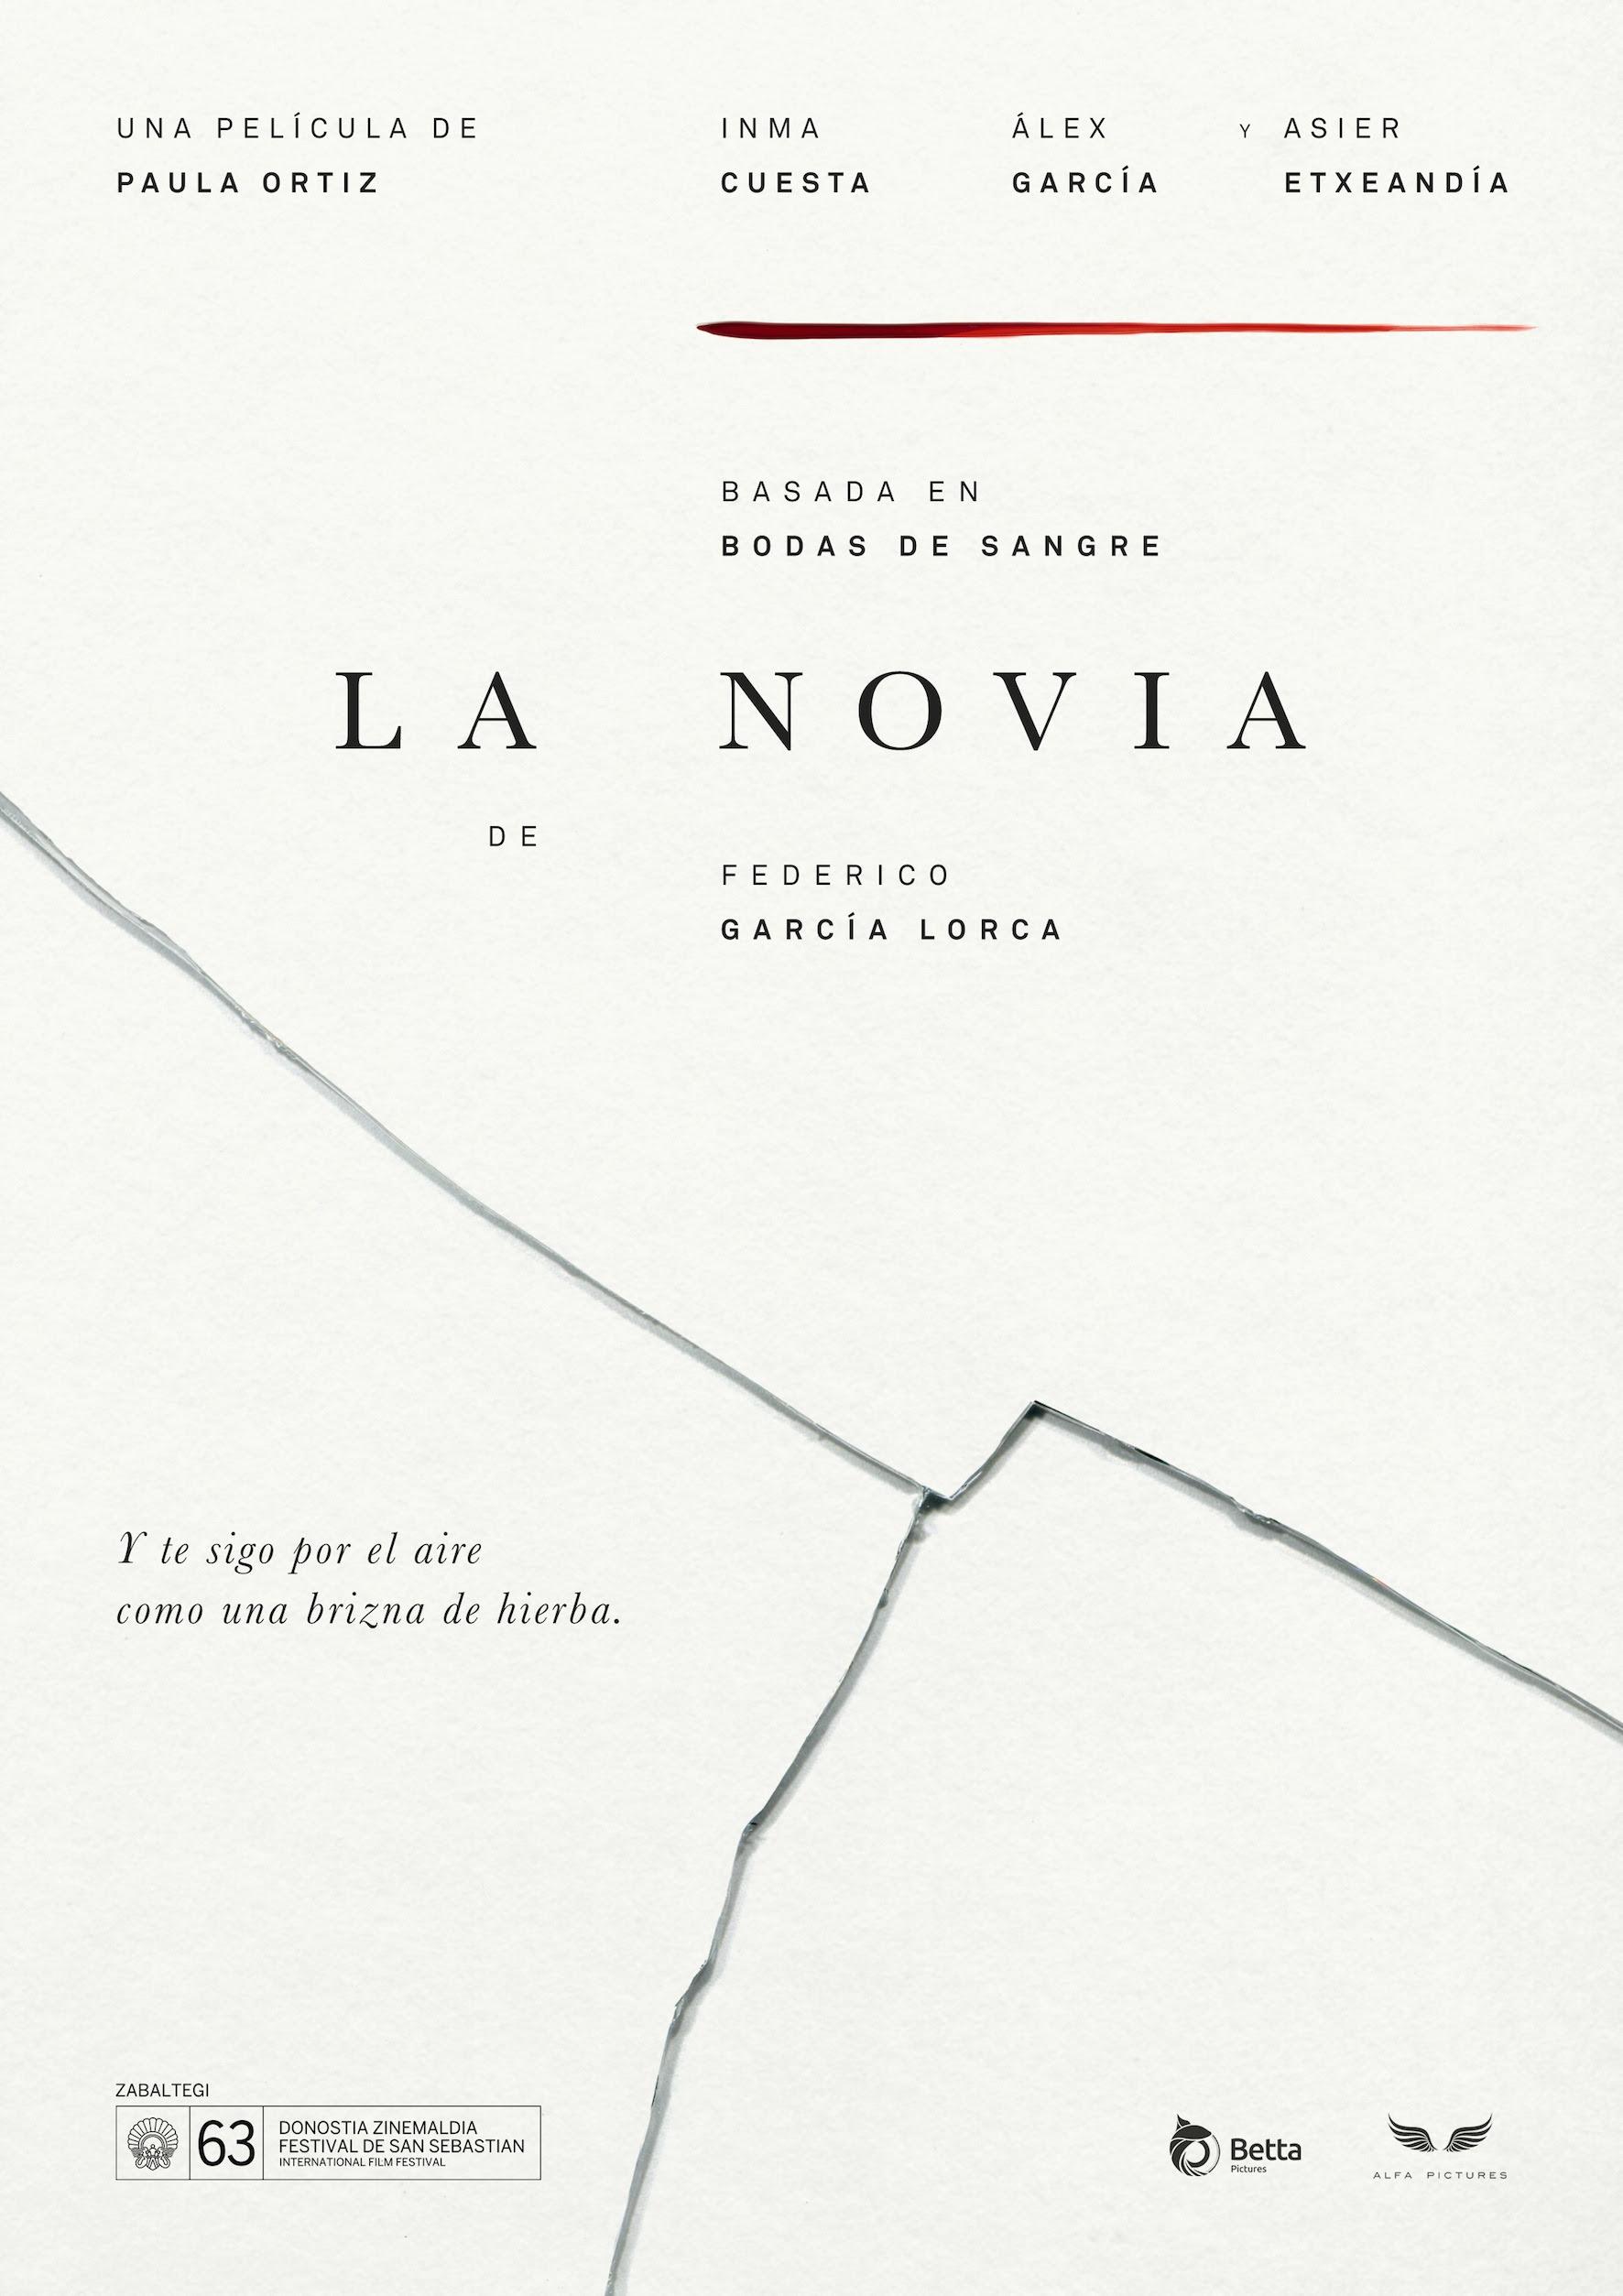 La Novia - Inma Cuesta, Alex García, Asier Etxeandía